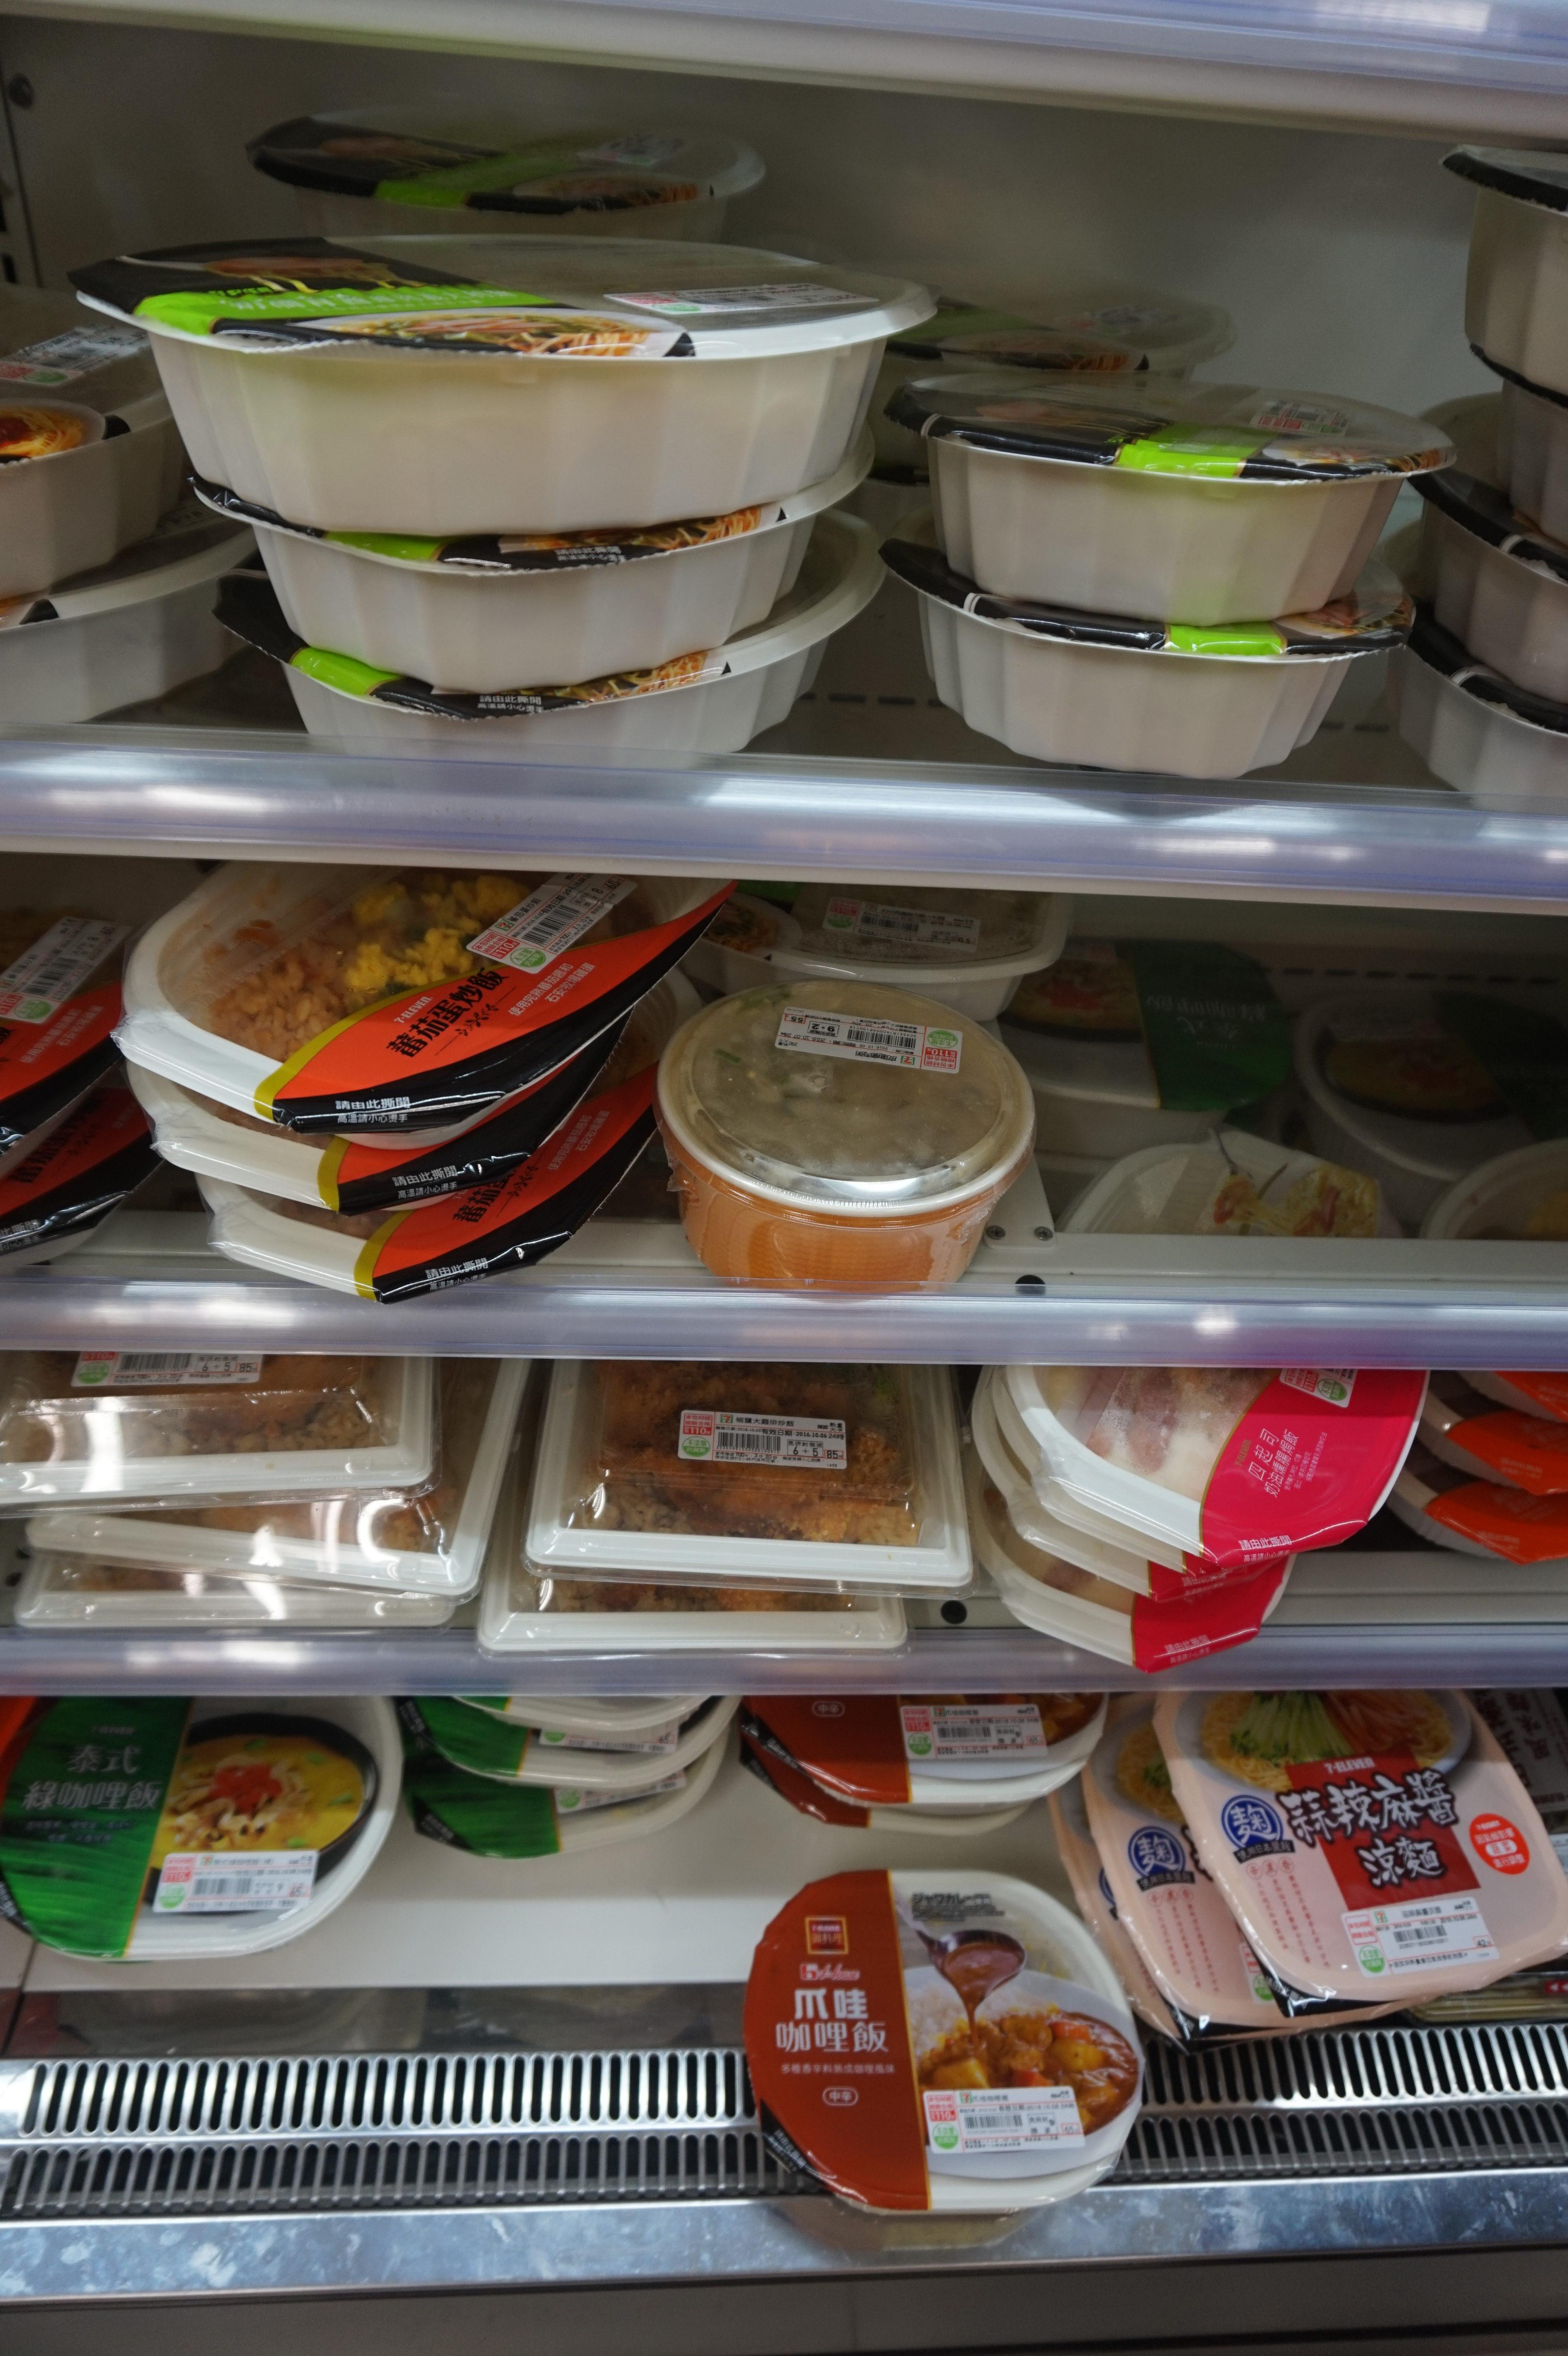 超商微波食品選擇多樣化。 攝影/李玟逸